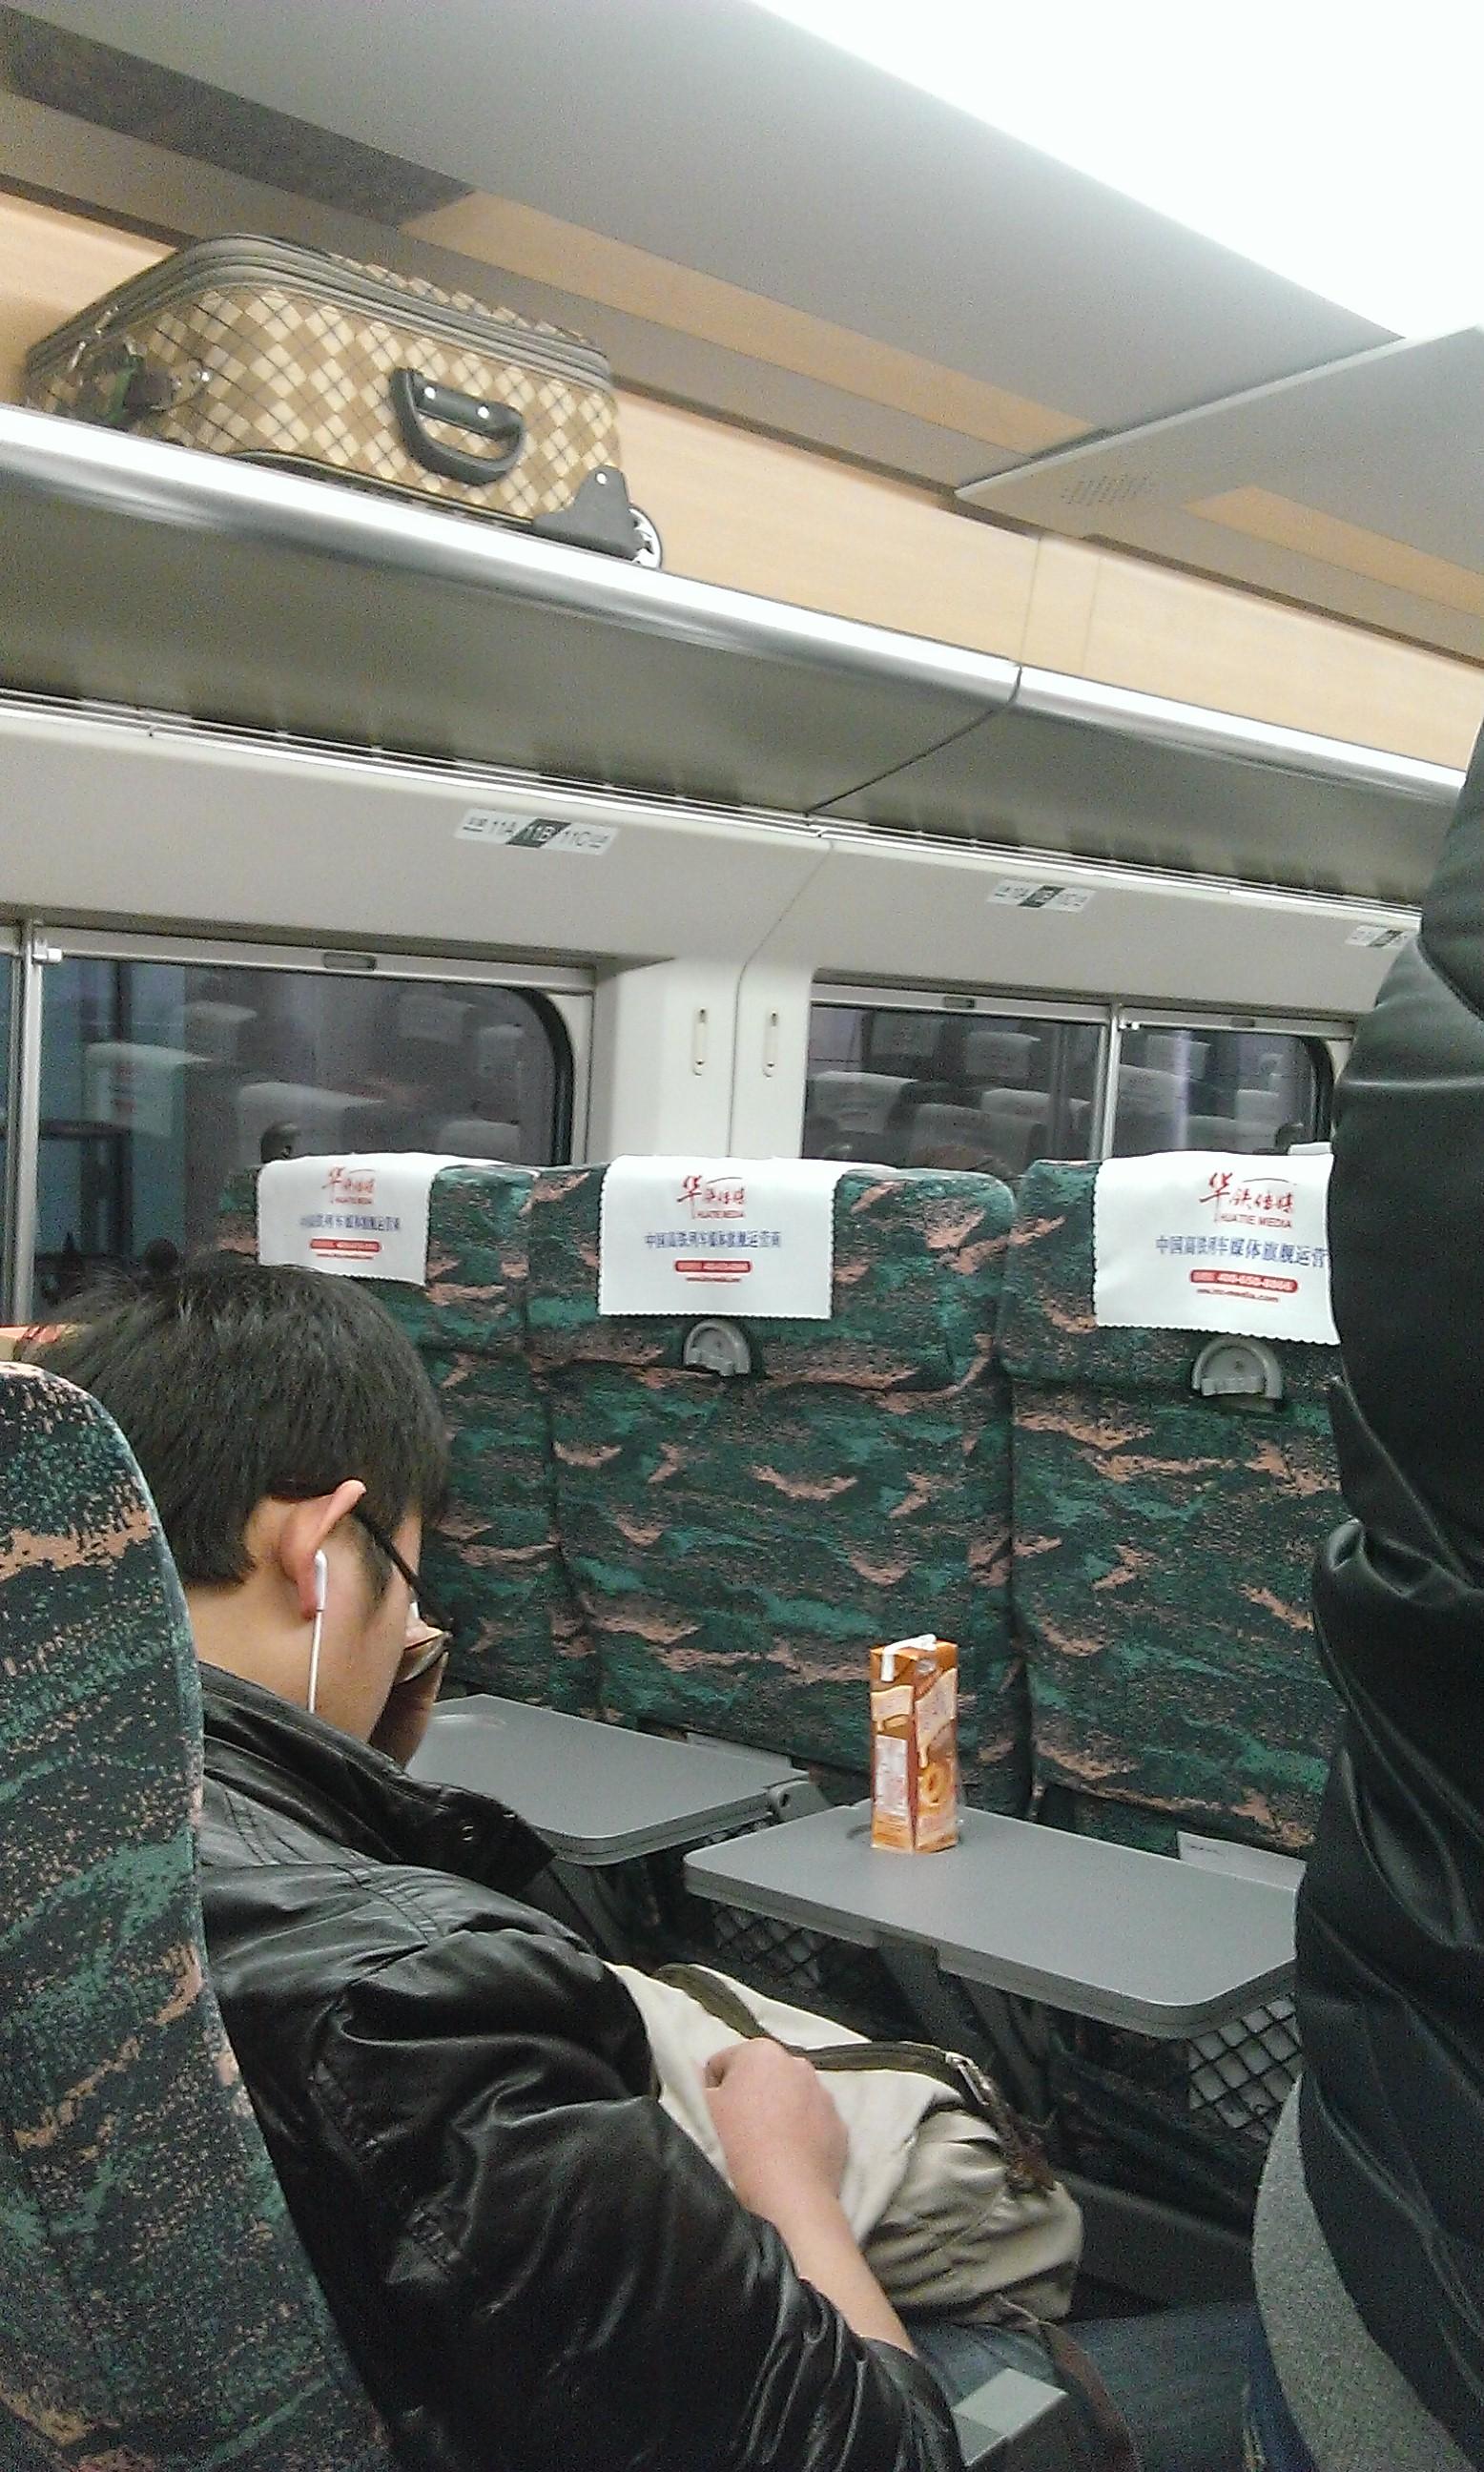 Még egy kép a vonatbelsőről az akkumulátor lemerülése előtt.